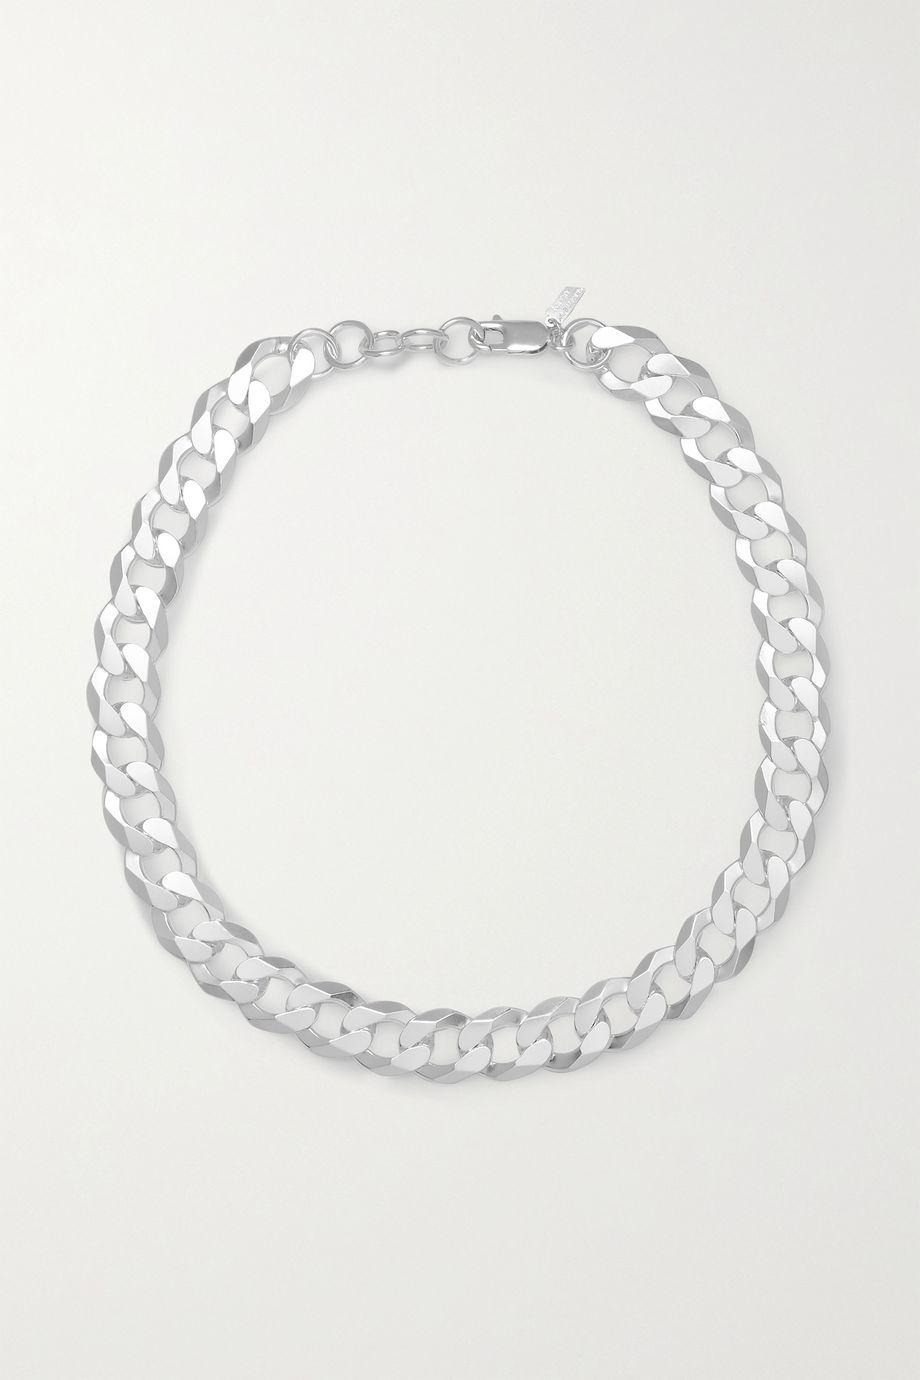 Loren Stewart XL Silberkette